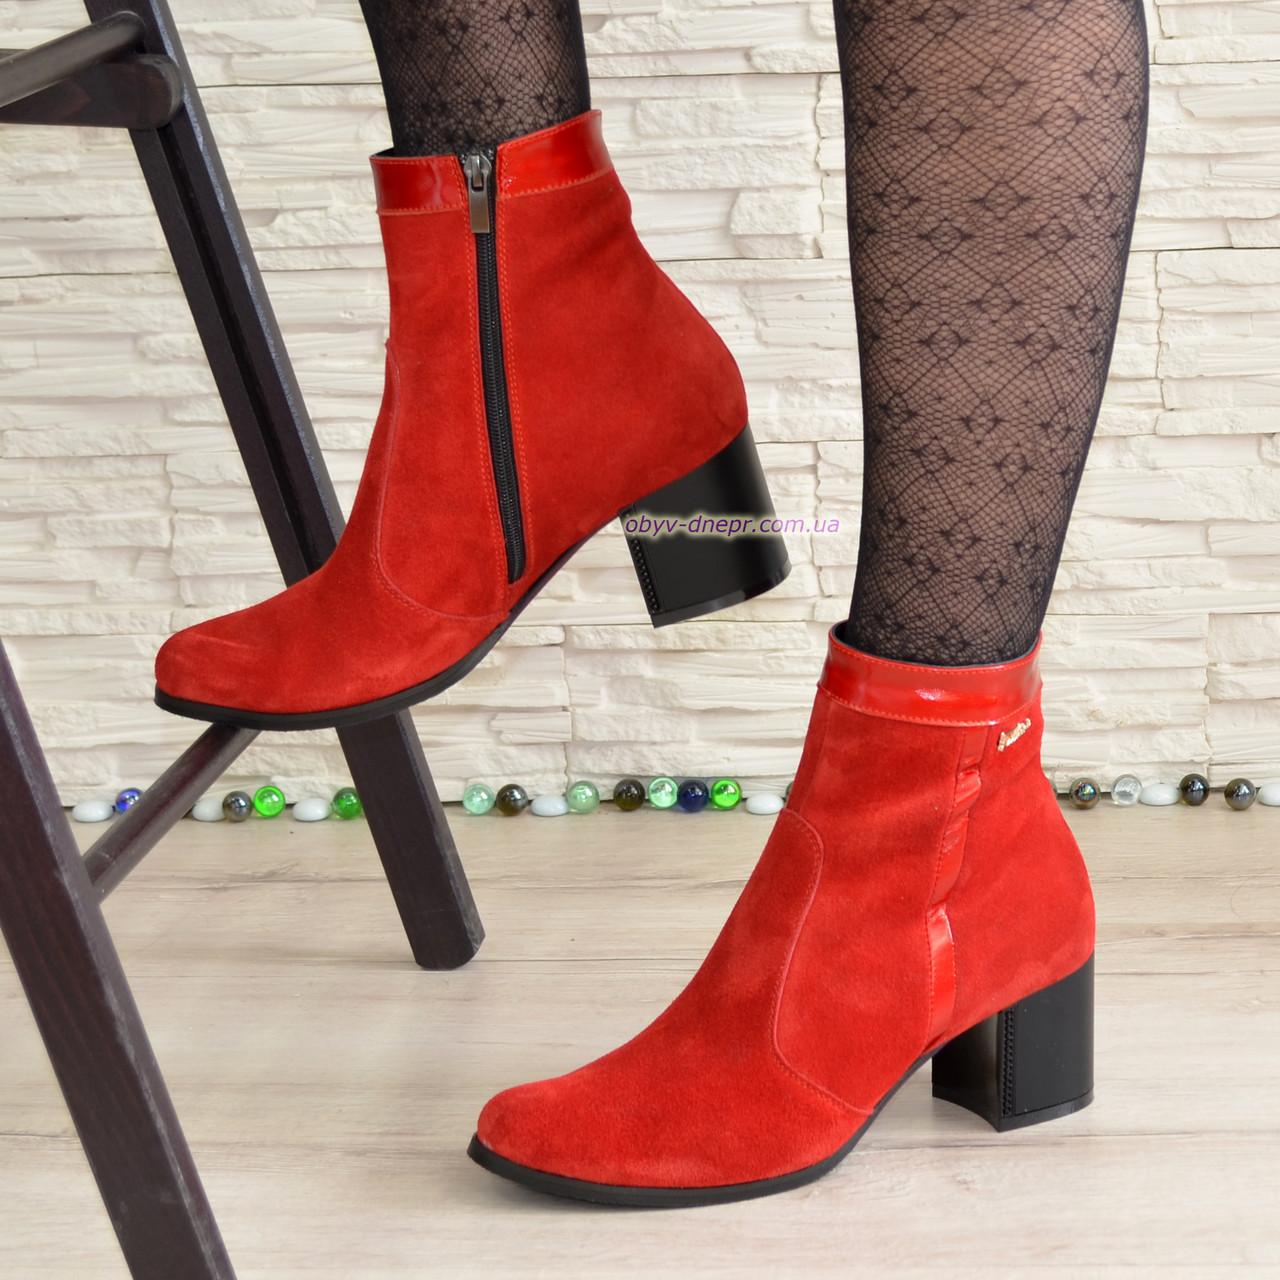 b03a0743 Ботинки женские зимние на каблуке, натуральная замша и лак красного цвета